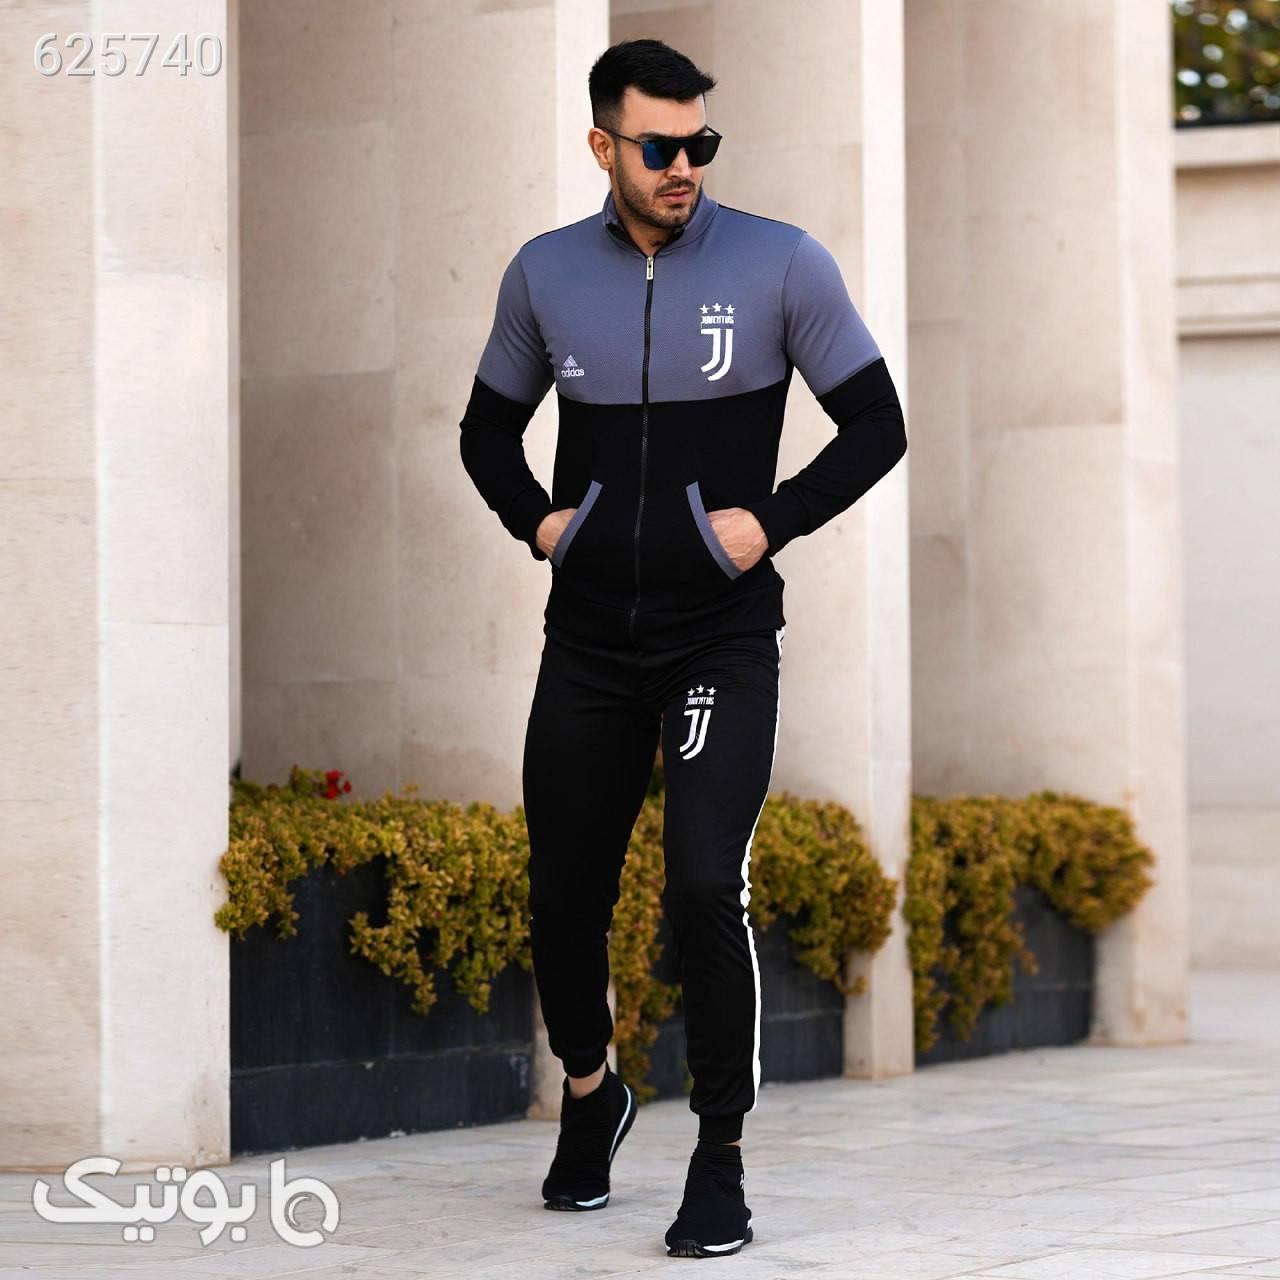 ست سویشرت و شلوار مردانه مدل Sezin مشکی ست ورزشی مردانه